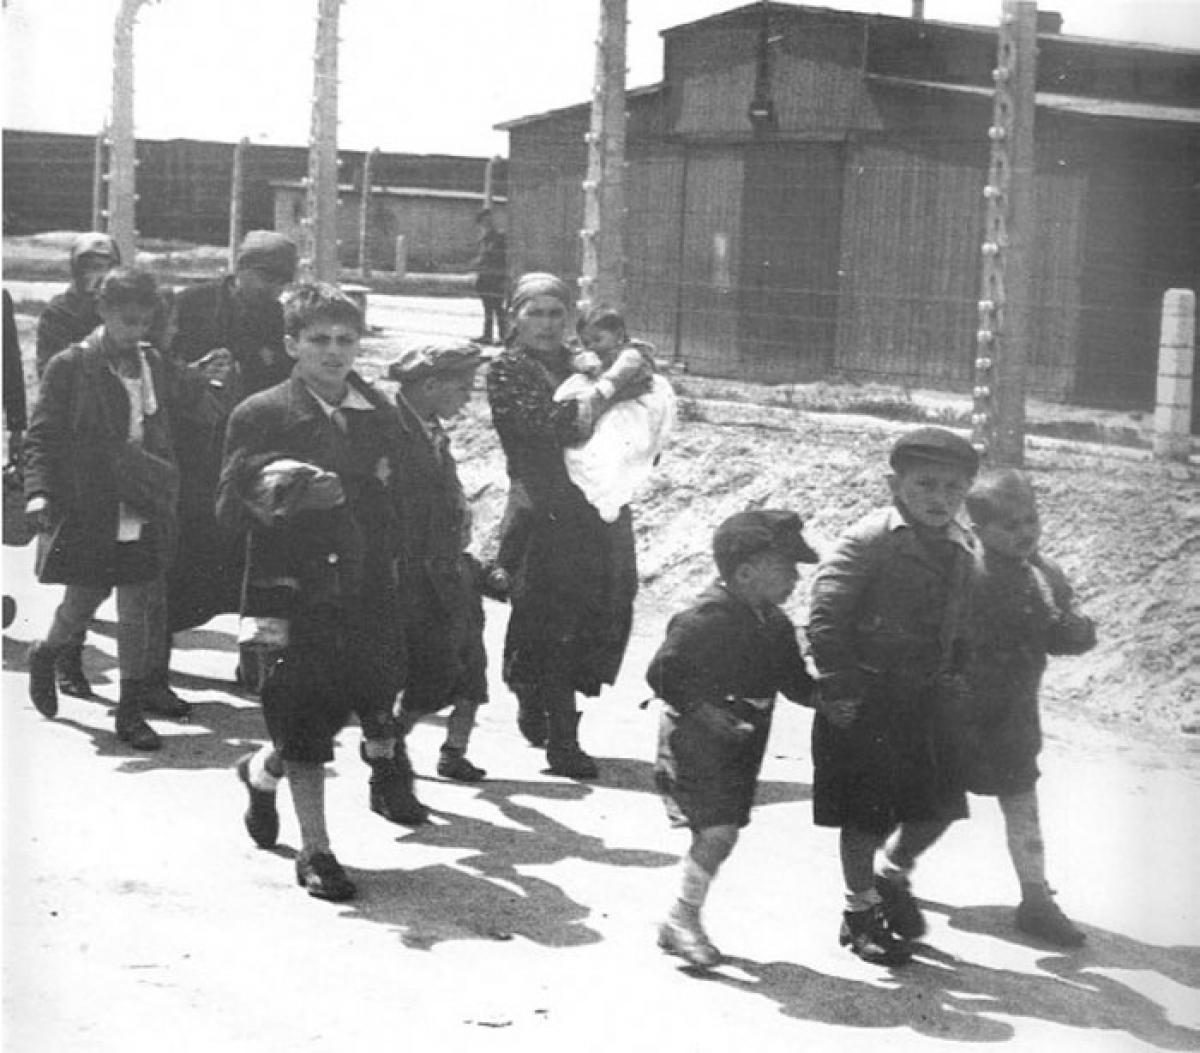 Những trẻ em Do Thái tại trại tập trung Auschwitz nắm tay nhau và bước đi mà không biết được rằng phòng hơi độc đang chờ các em ở phía trước.